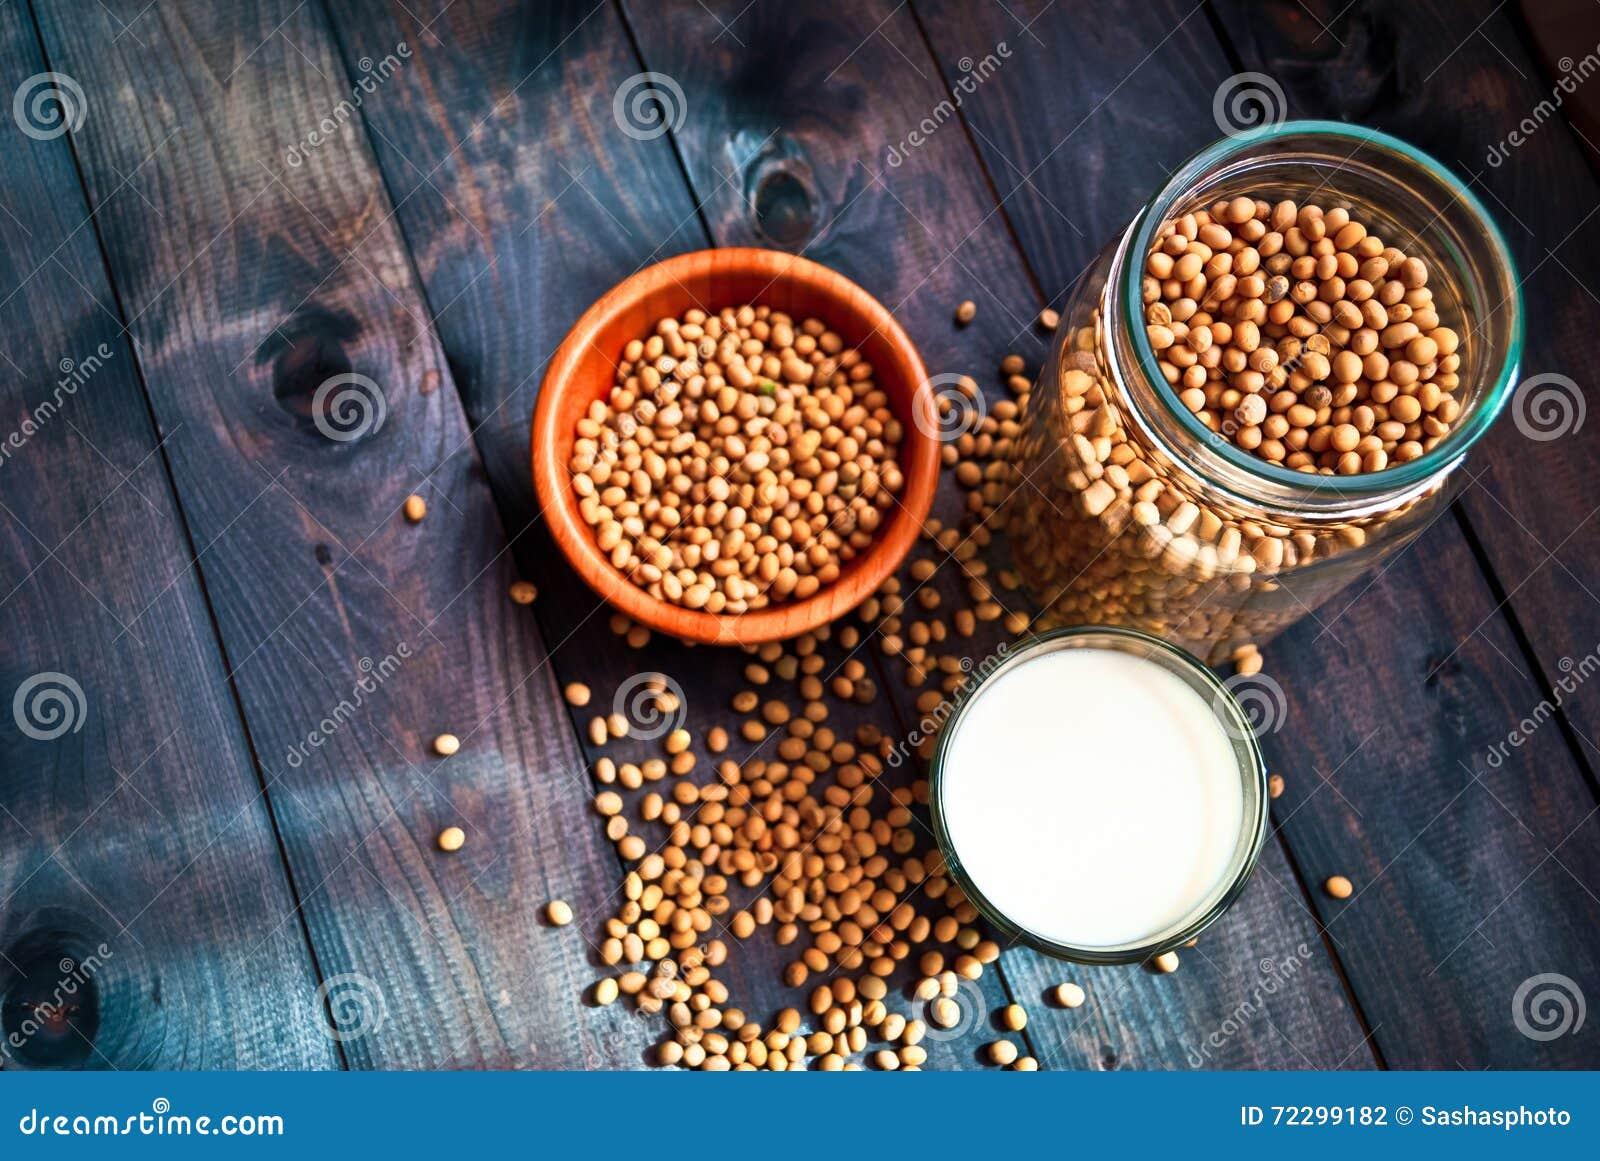 Download Соевое молоко и фасоли стоковое фото. изображение насчитывающей естественно - 72299182